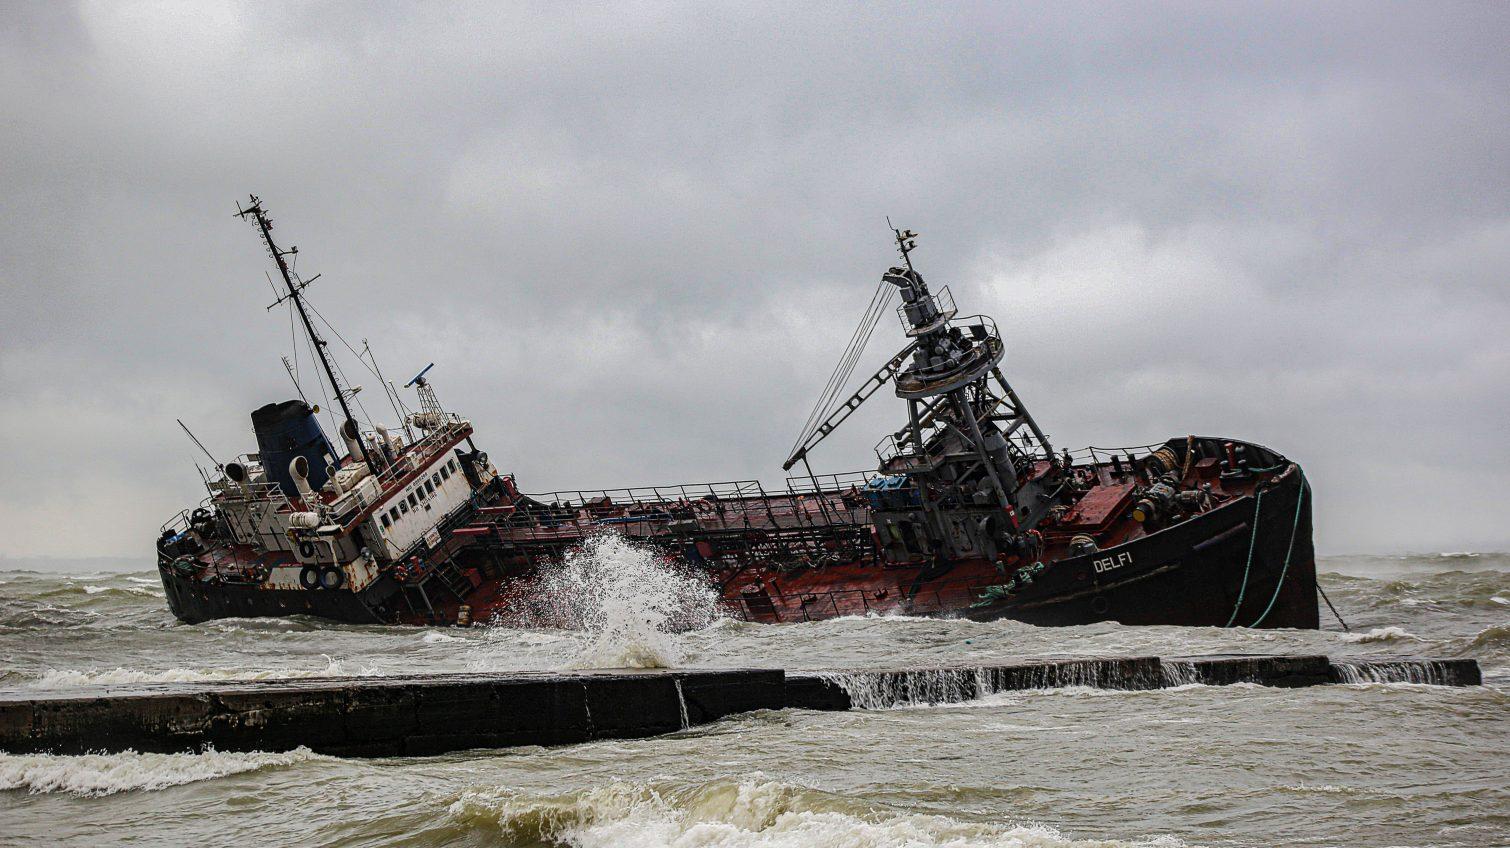 Танкер «Delfi» начал тонуть, а вокруг него разлито большое количество нефтепродуктов (прямая трансляция) «фото»